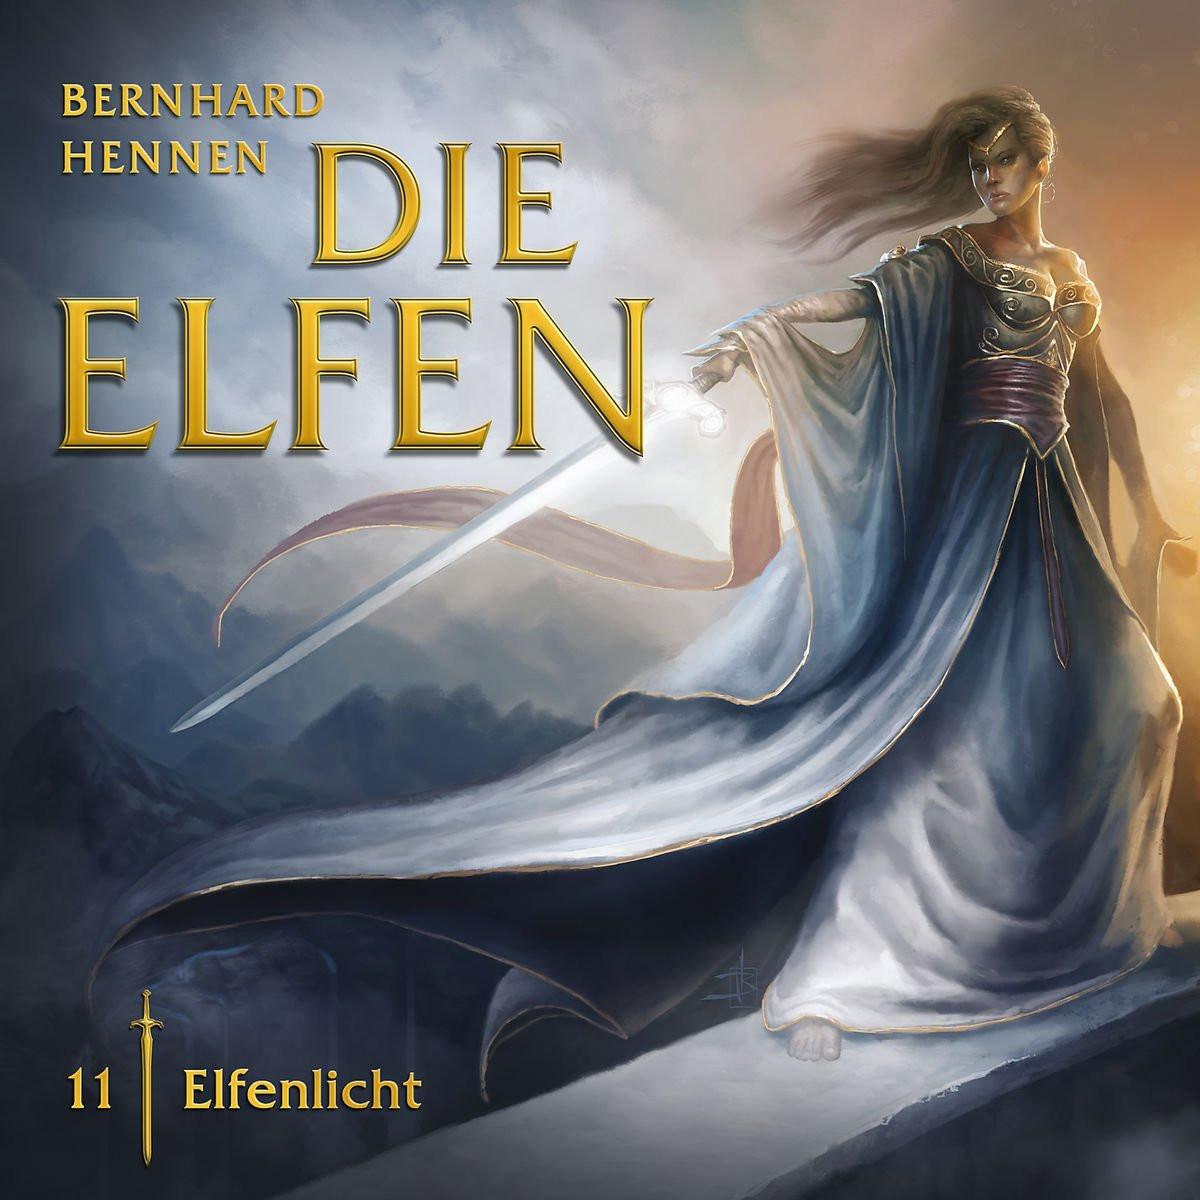 Hennen - Die Elfen 11 - Das Elfenlicht